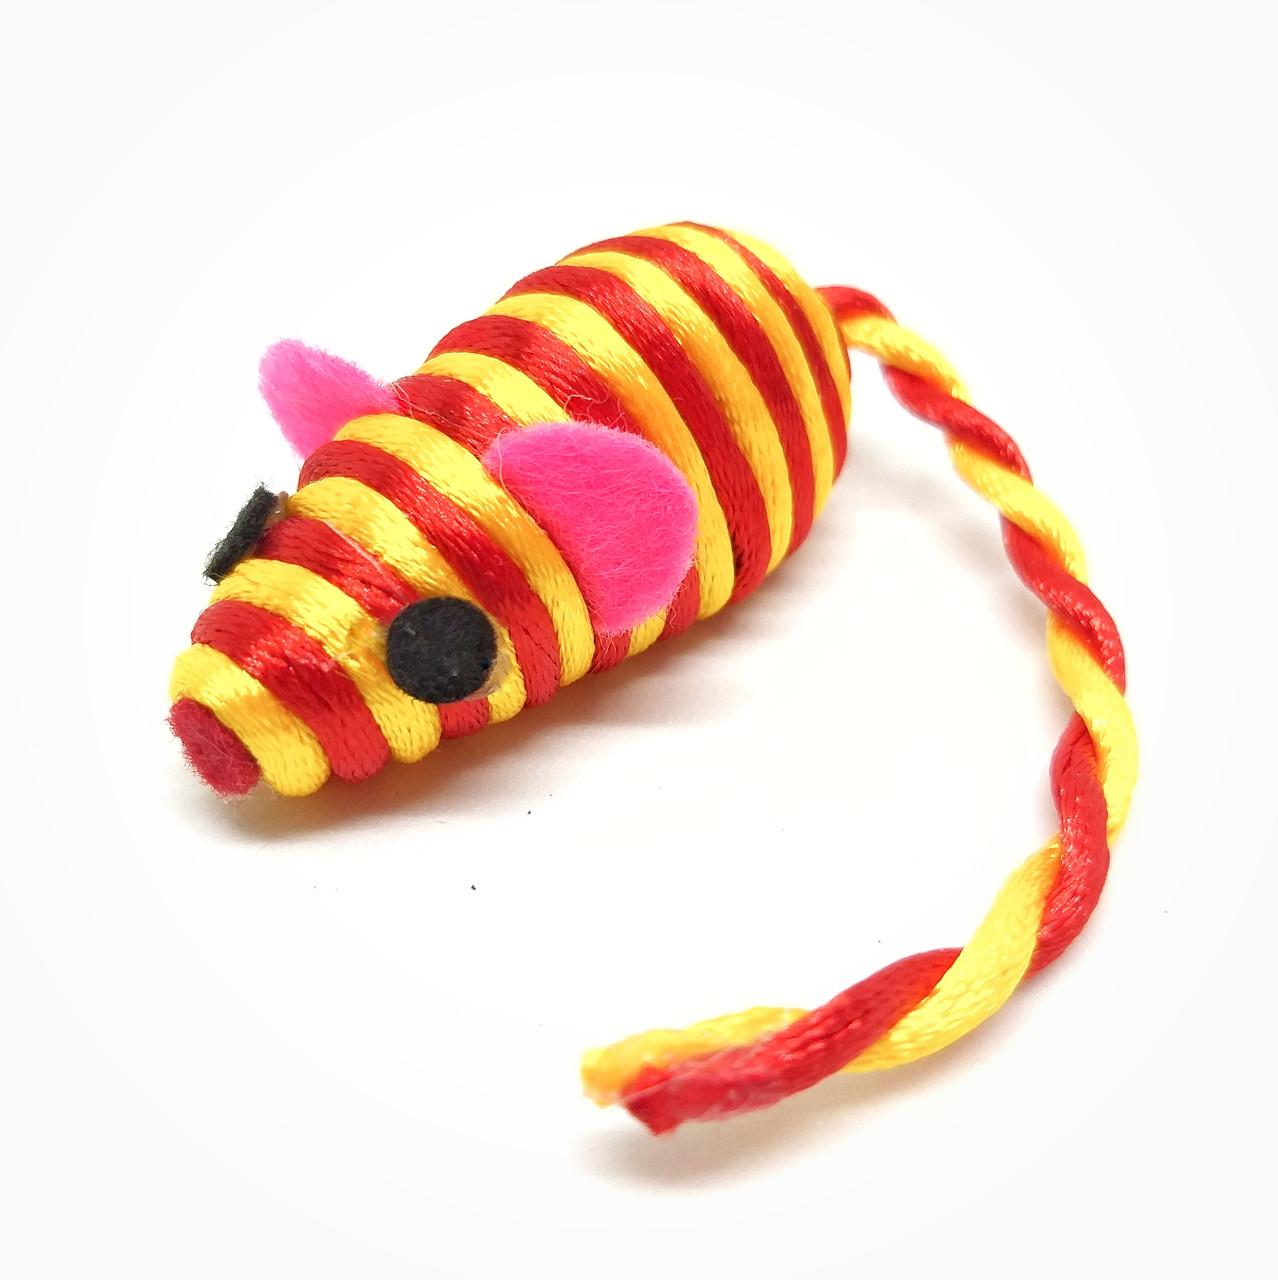 Іграшка для котів Мишка Zizi помаранчева 5 см